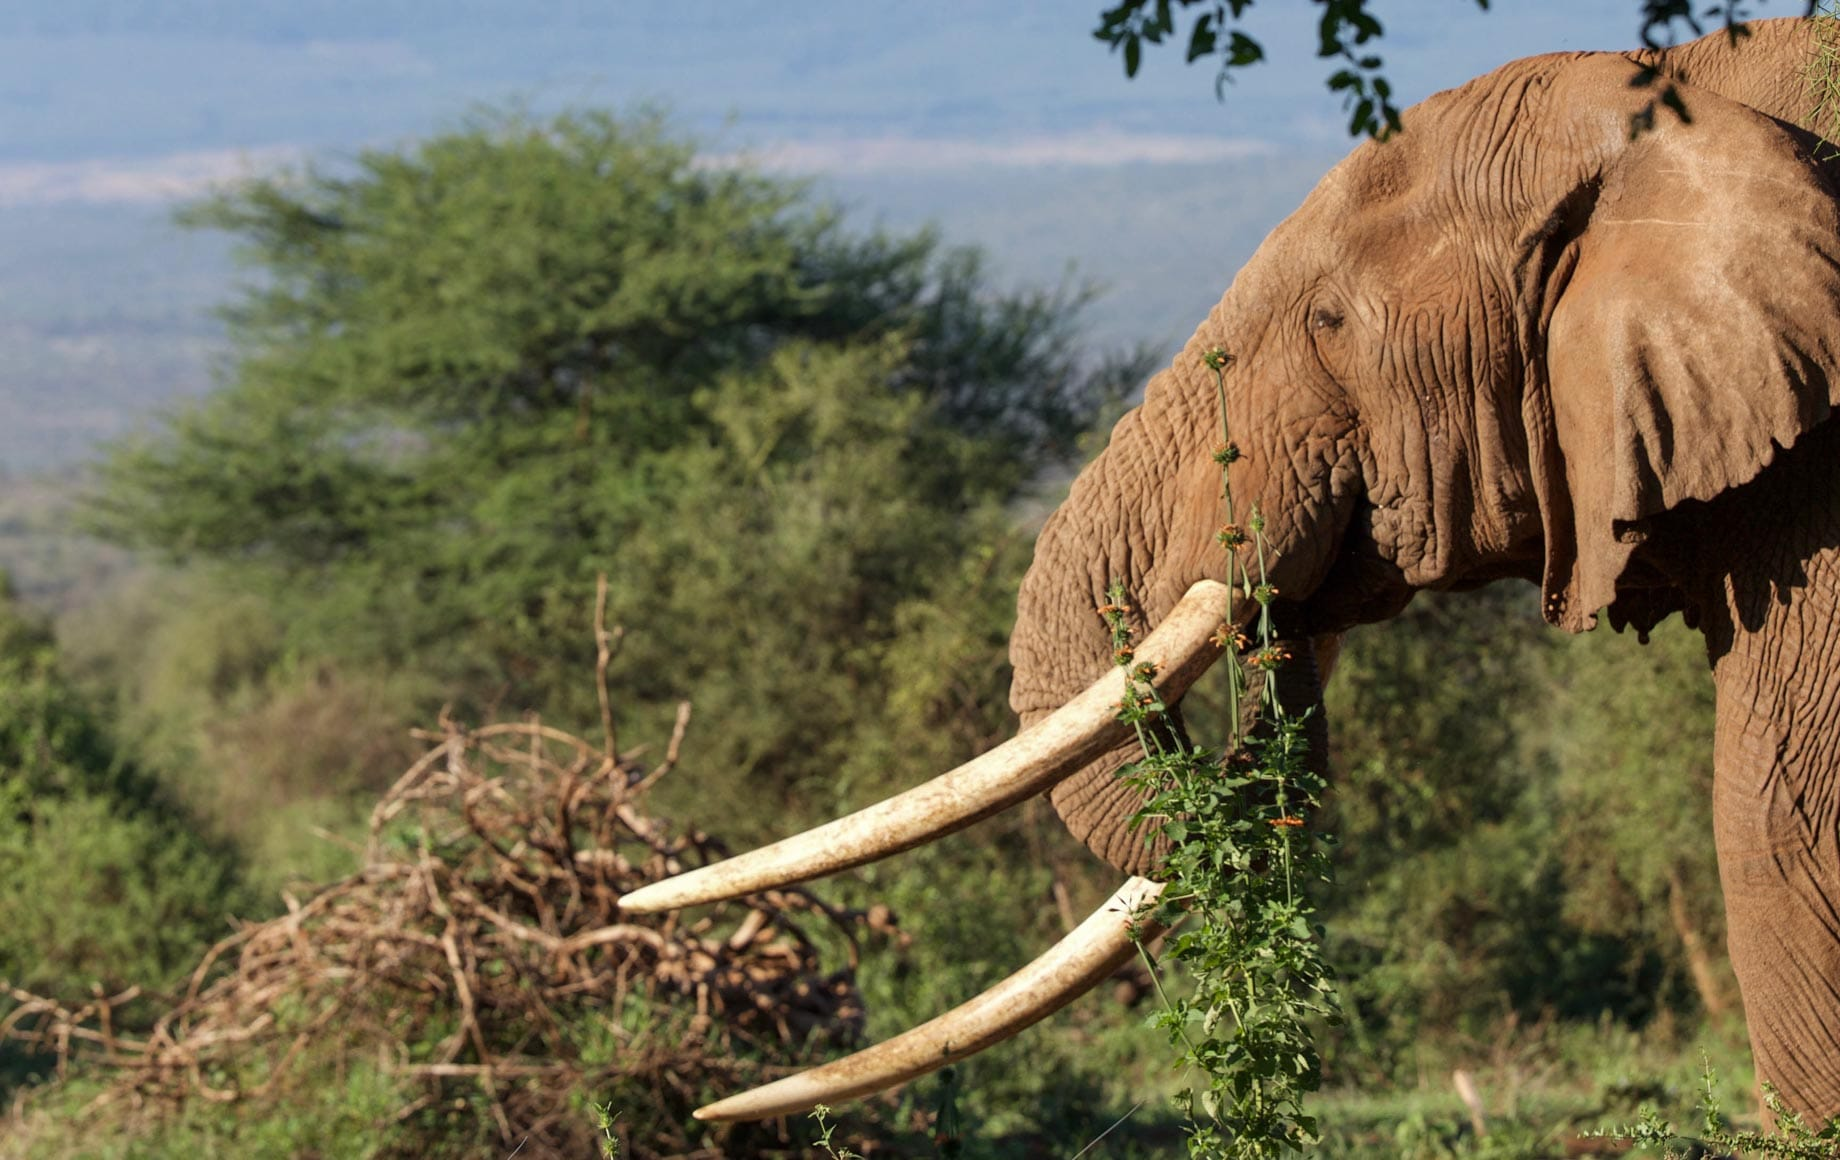 Arusha - Elephant eating grass